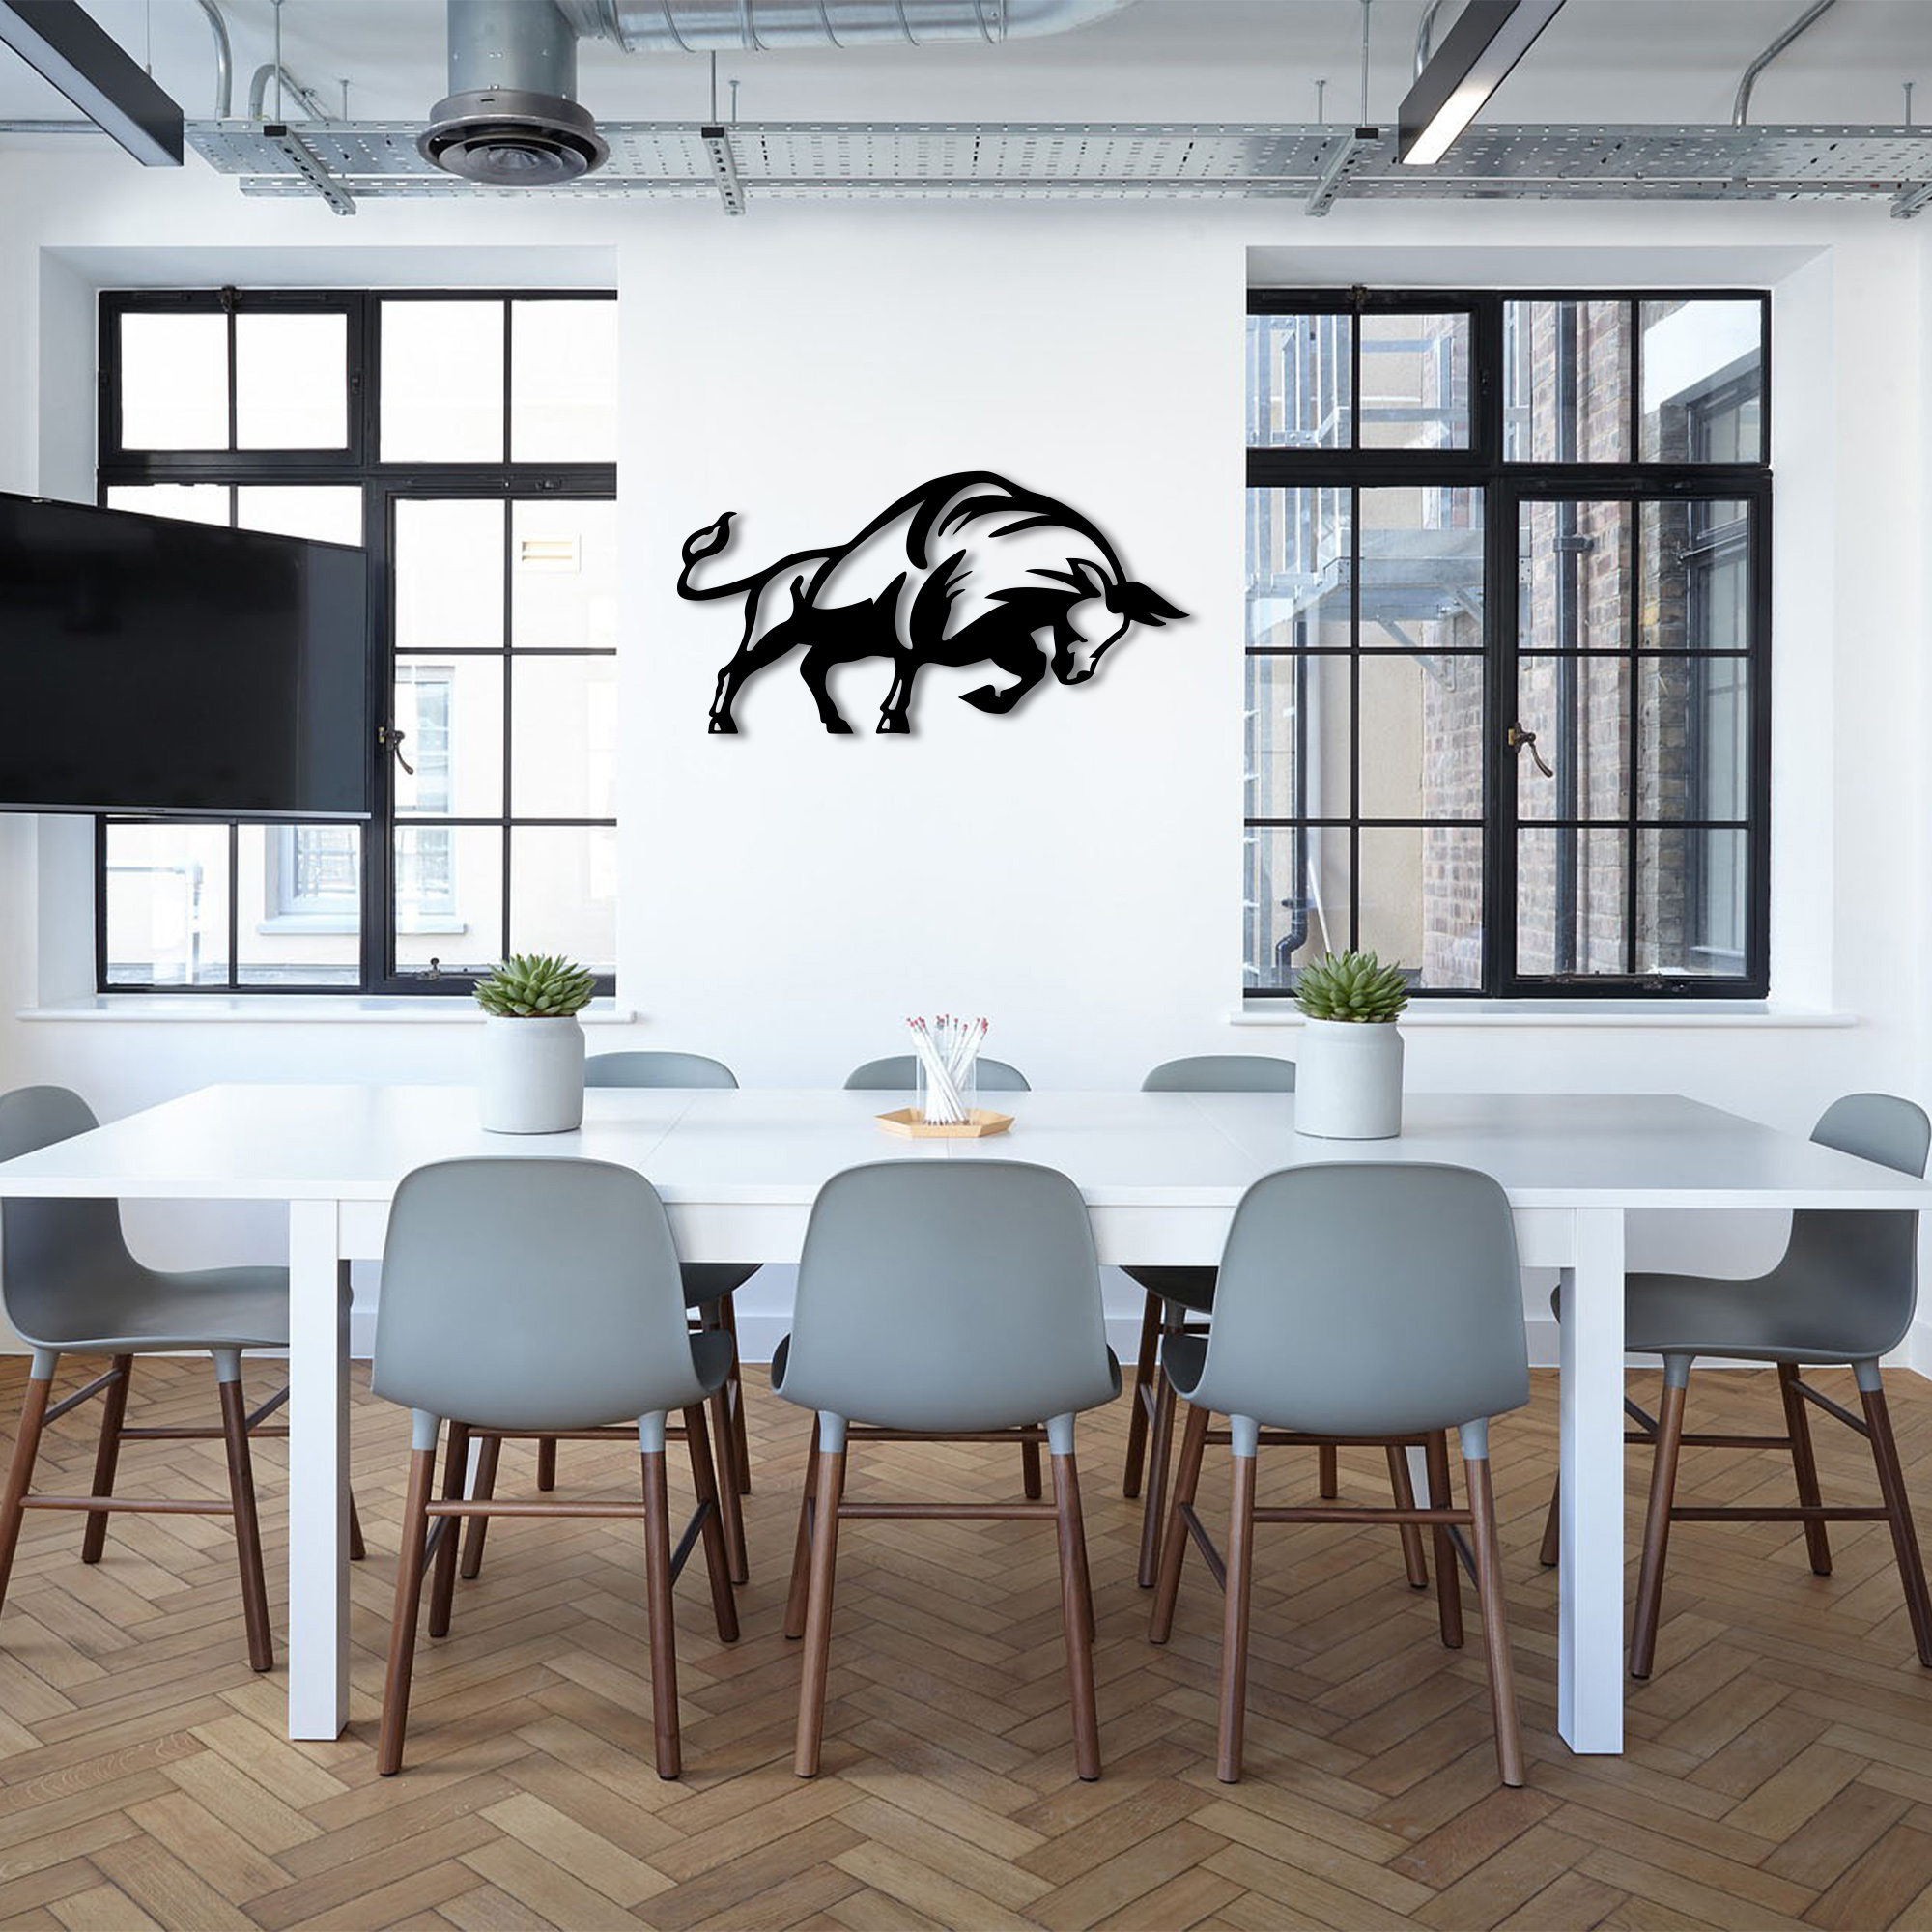 Bull – Metal Wall Art